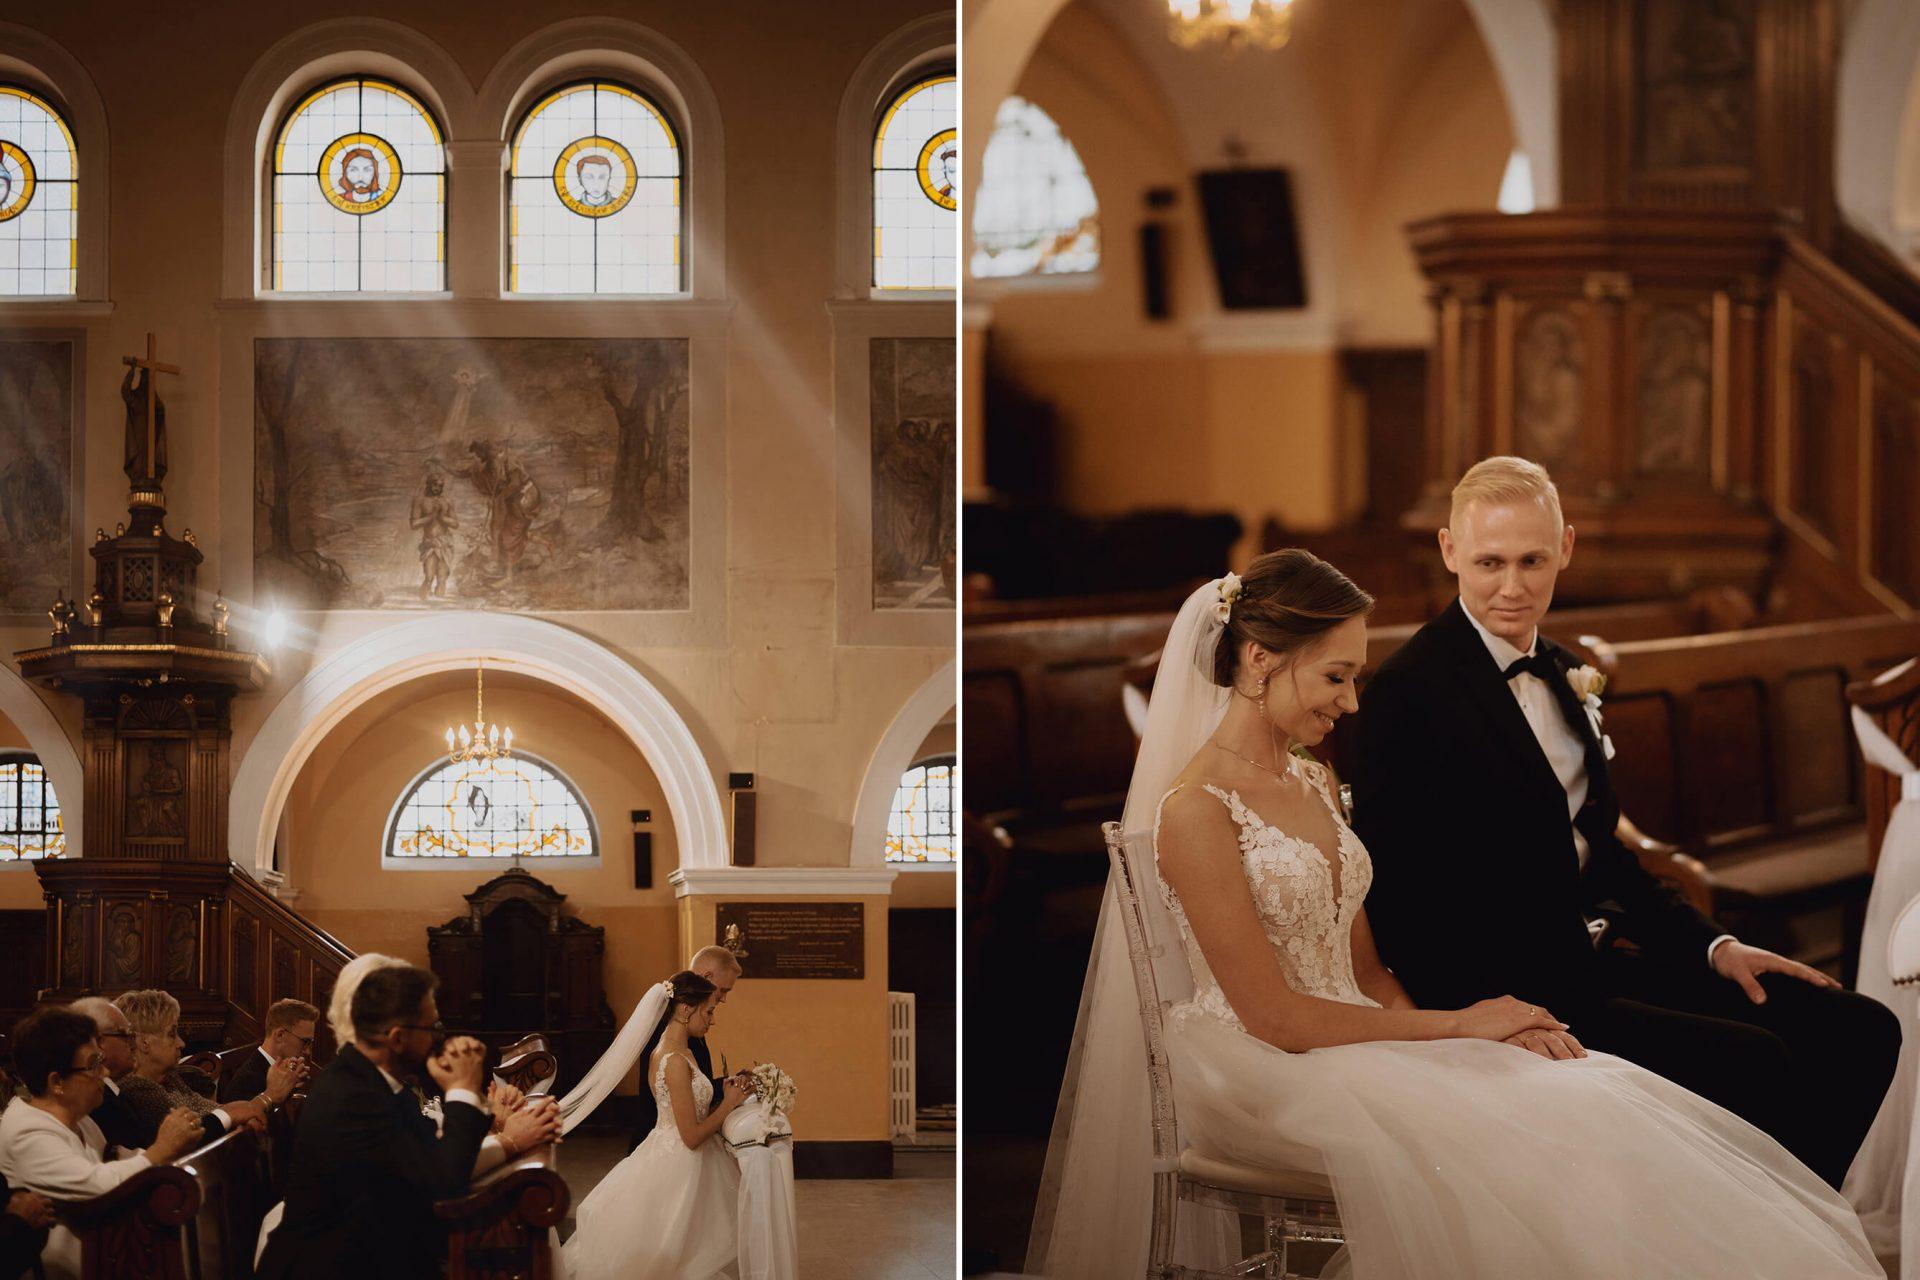 Slub wesele w dworze Hulanka00071 2 1 1920x1280 - Ślub